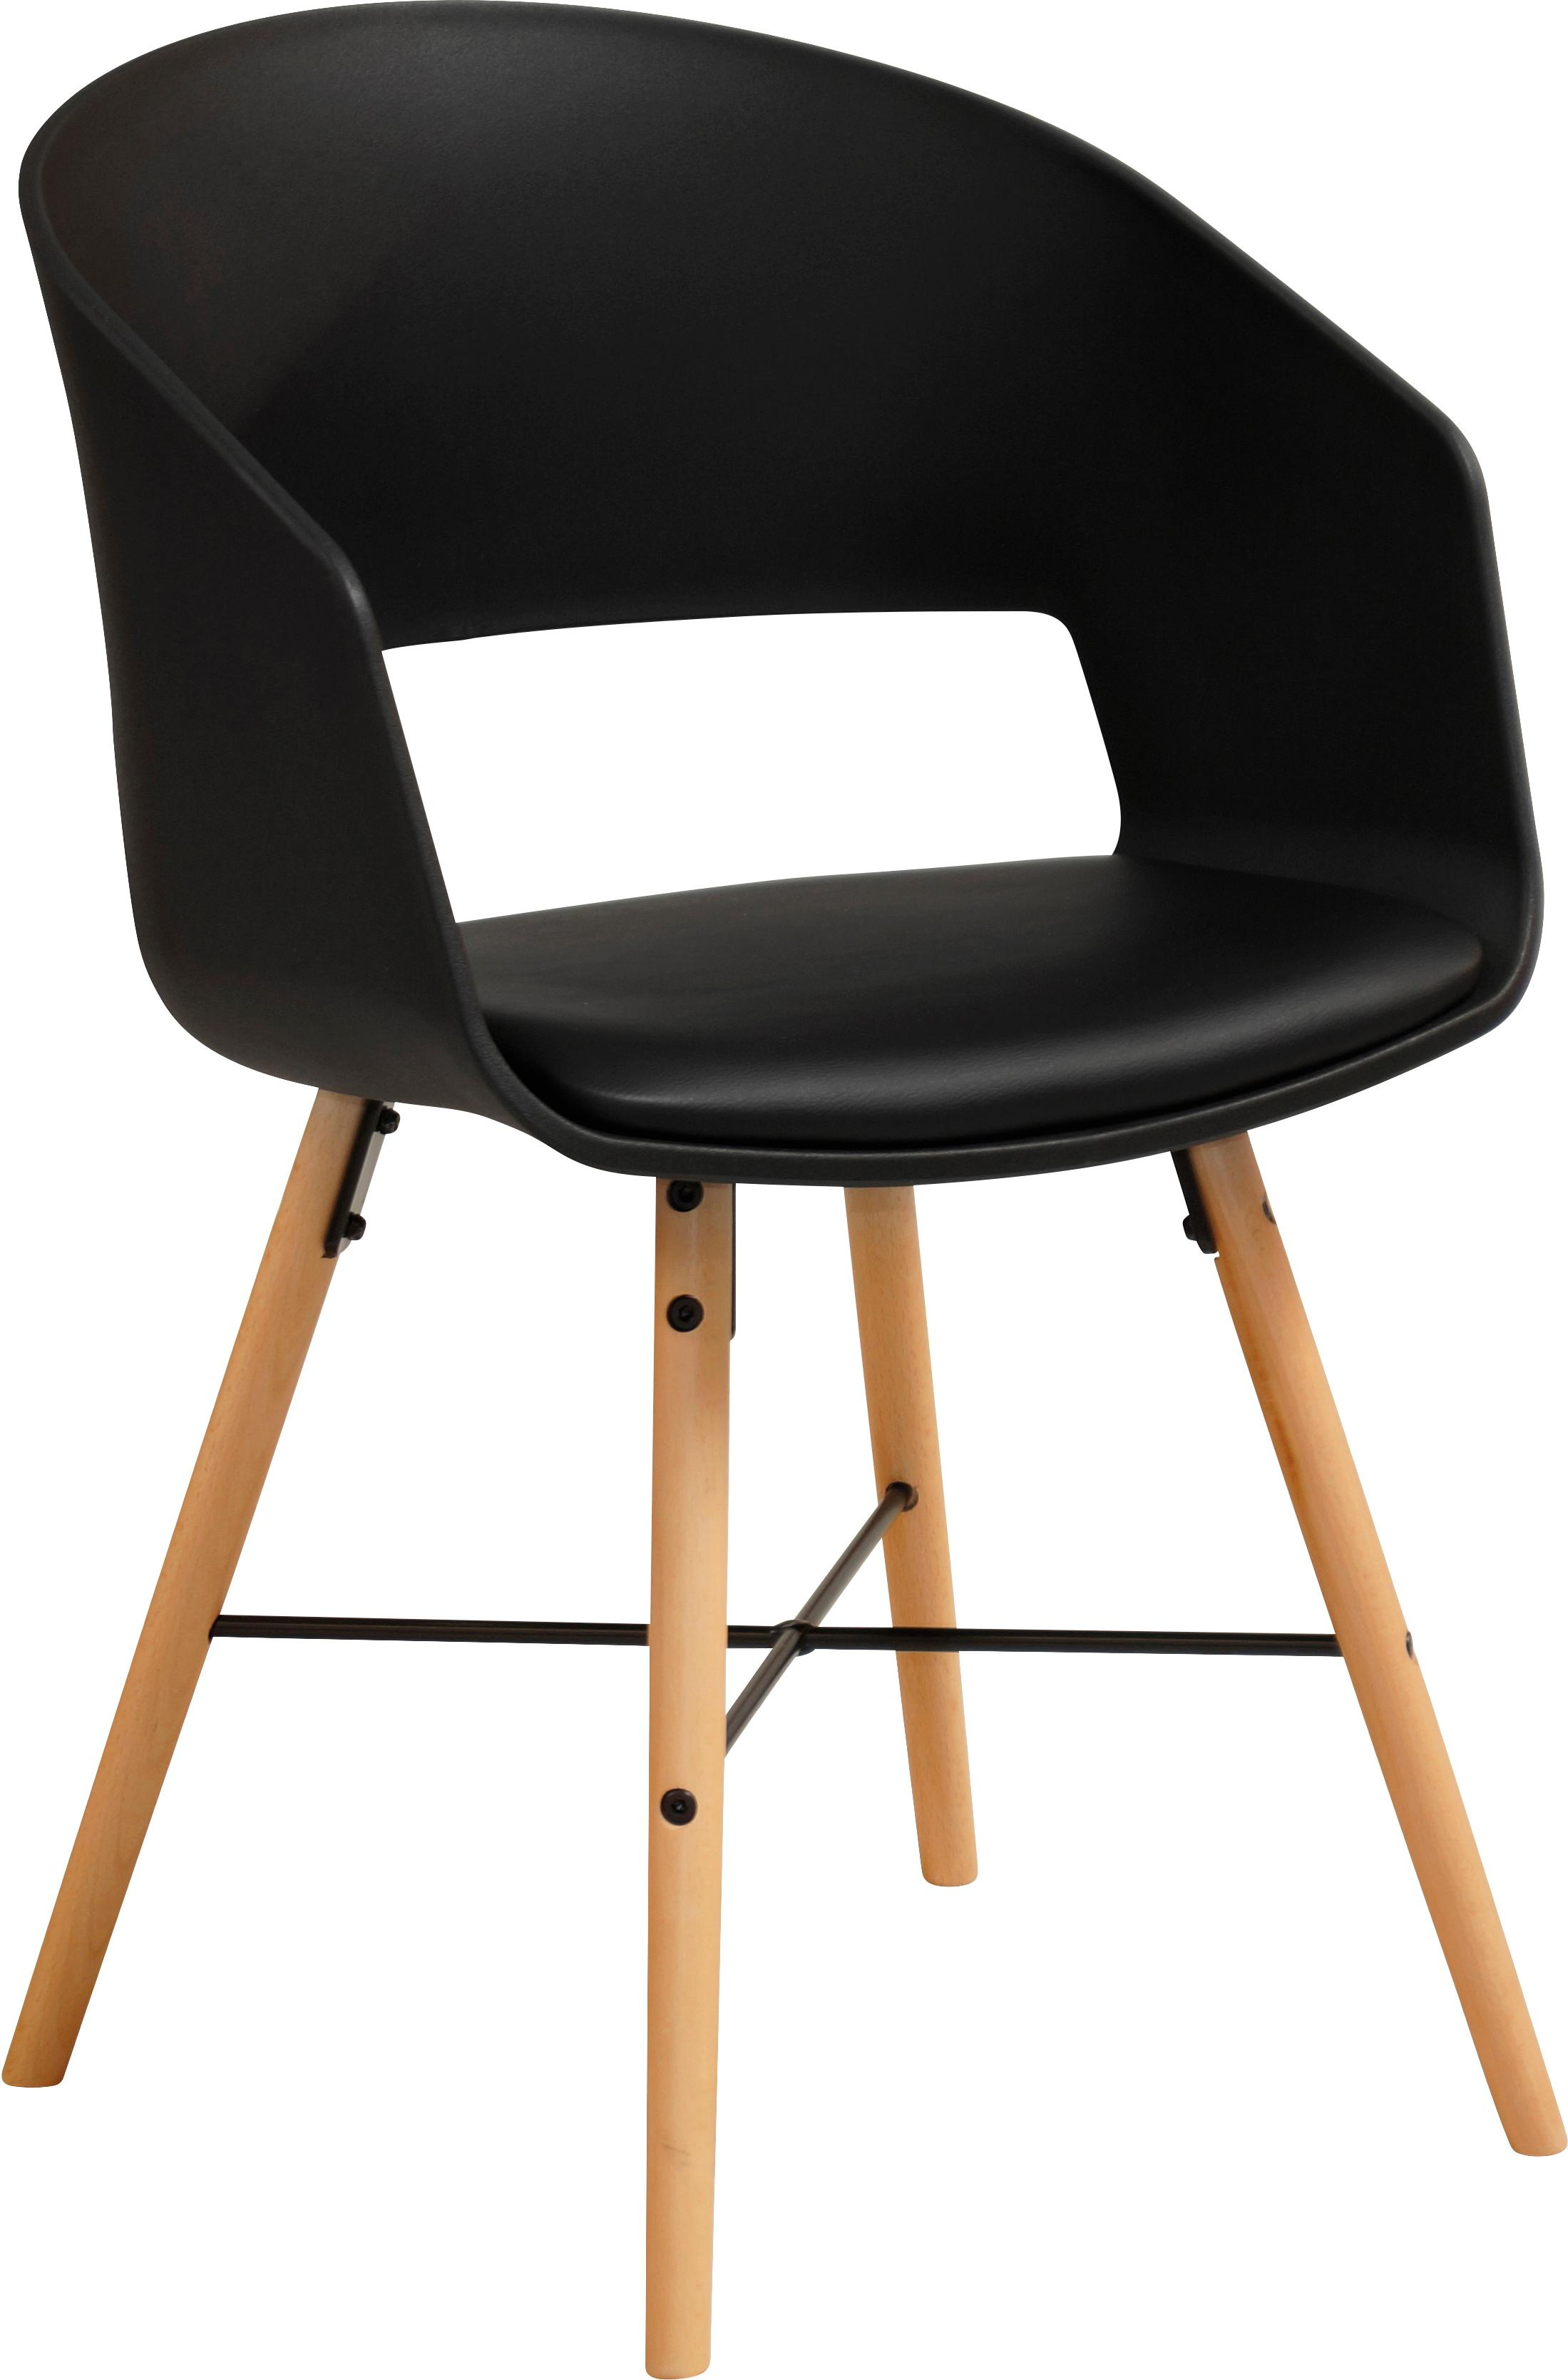 Sedia con braccioli Luna 2 pz, Gambe: legno di faggio verniciat, Nero, Larg. 52 x Prof. 52 cm